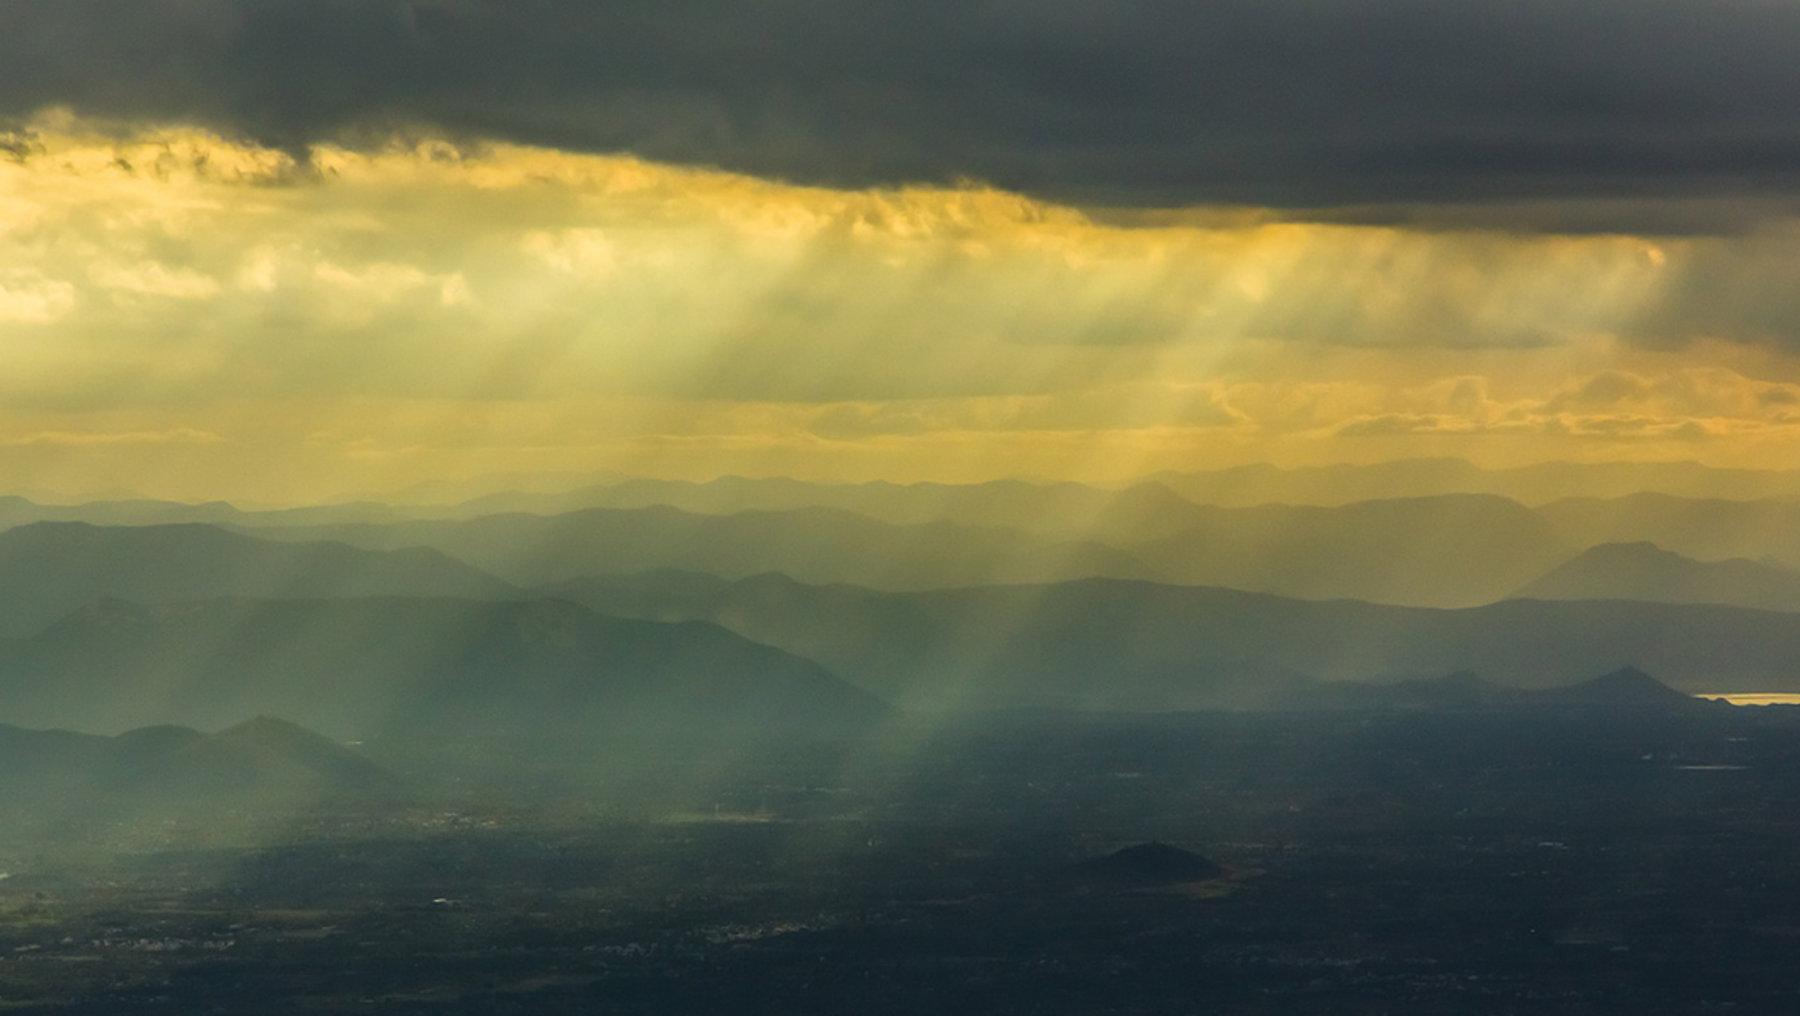 Bild aus der Vogelperspektive mit starkem Monsunregen über einem Tal mit Bergen im Hintergrund